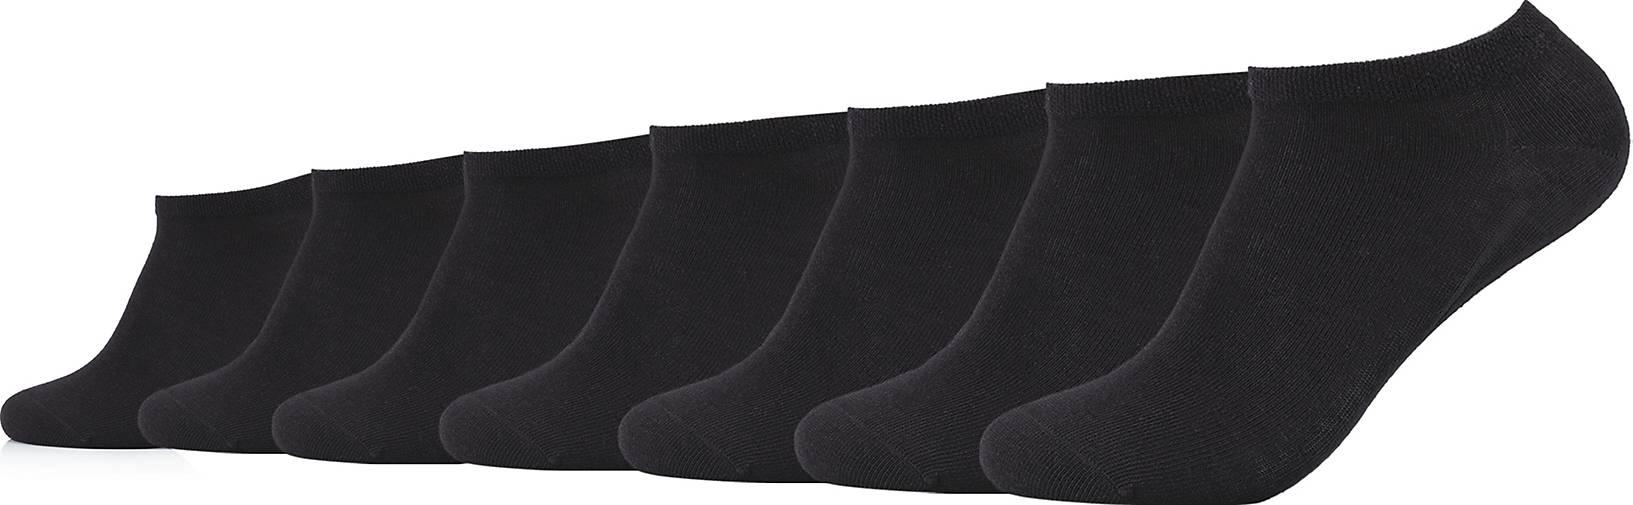 Camano Sneaker-Socken 35/38